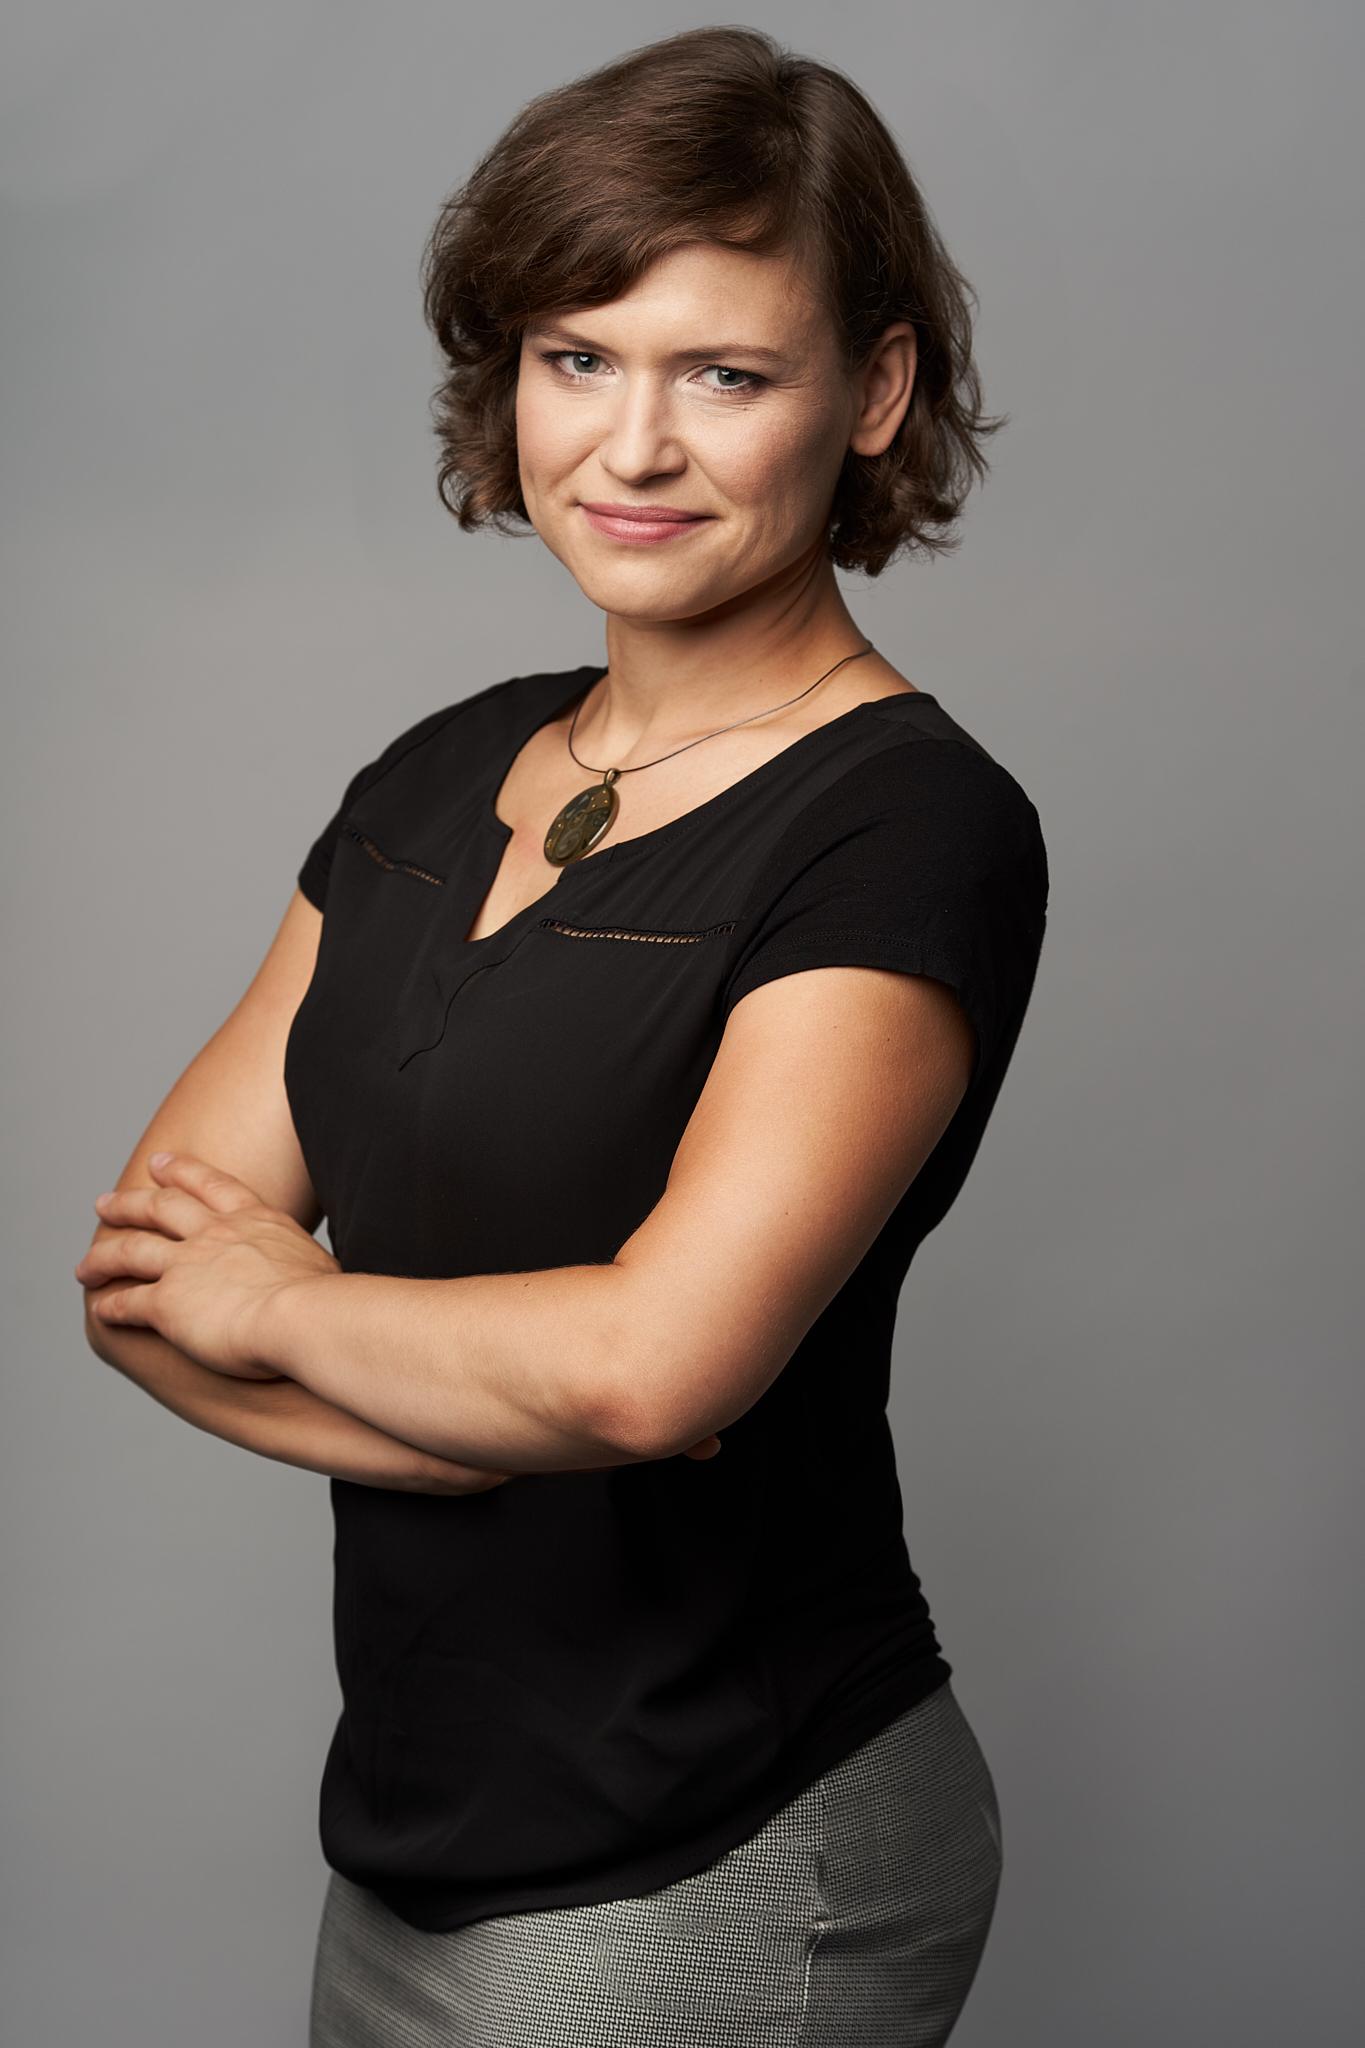 Małgorzata Różycka